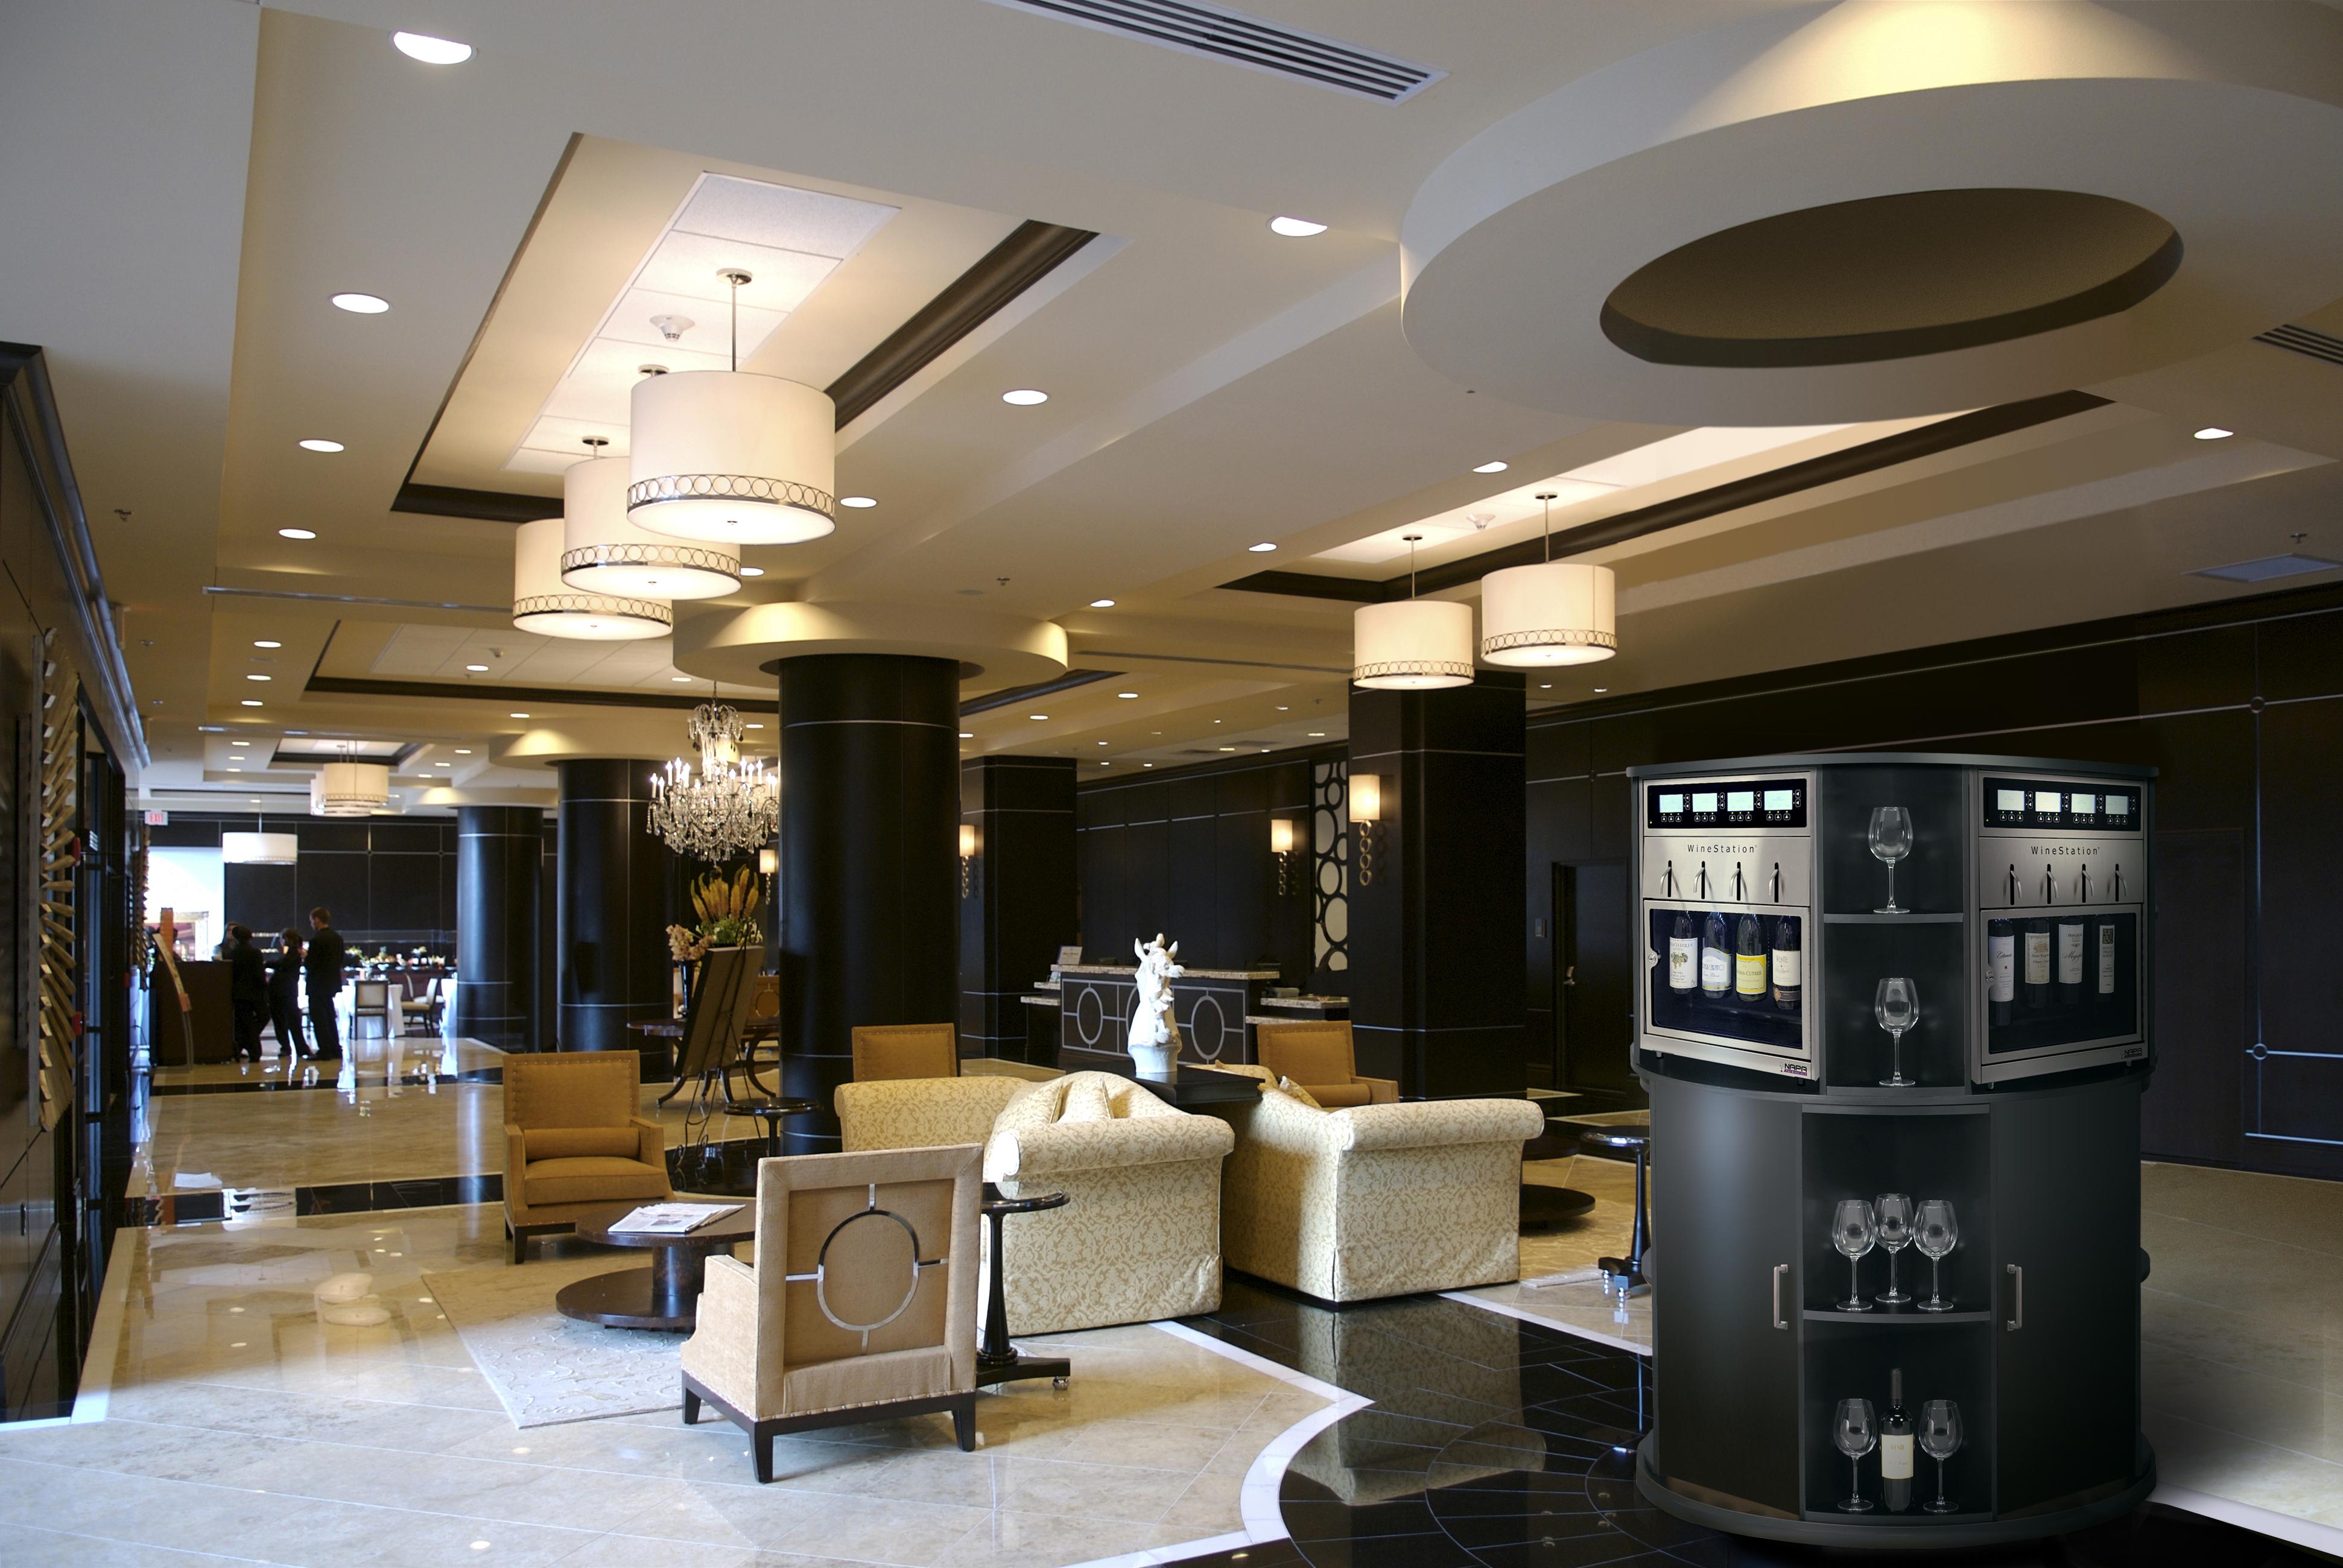 3.0 Hotel Lobby Round Elegant - Self Service